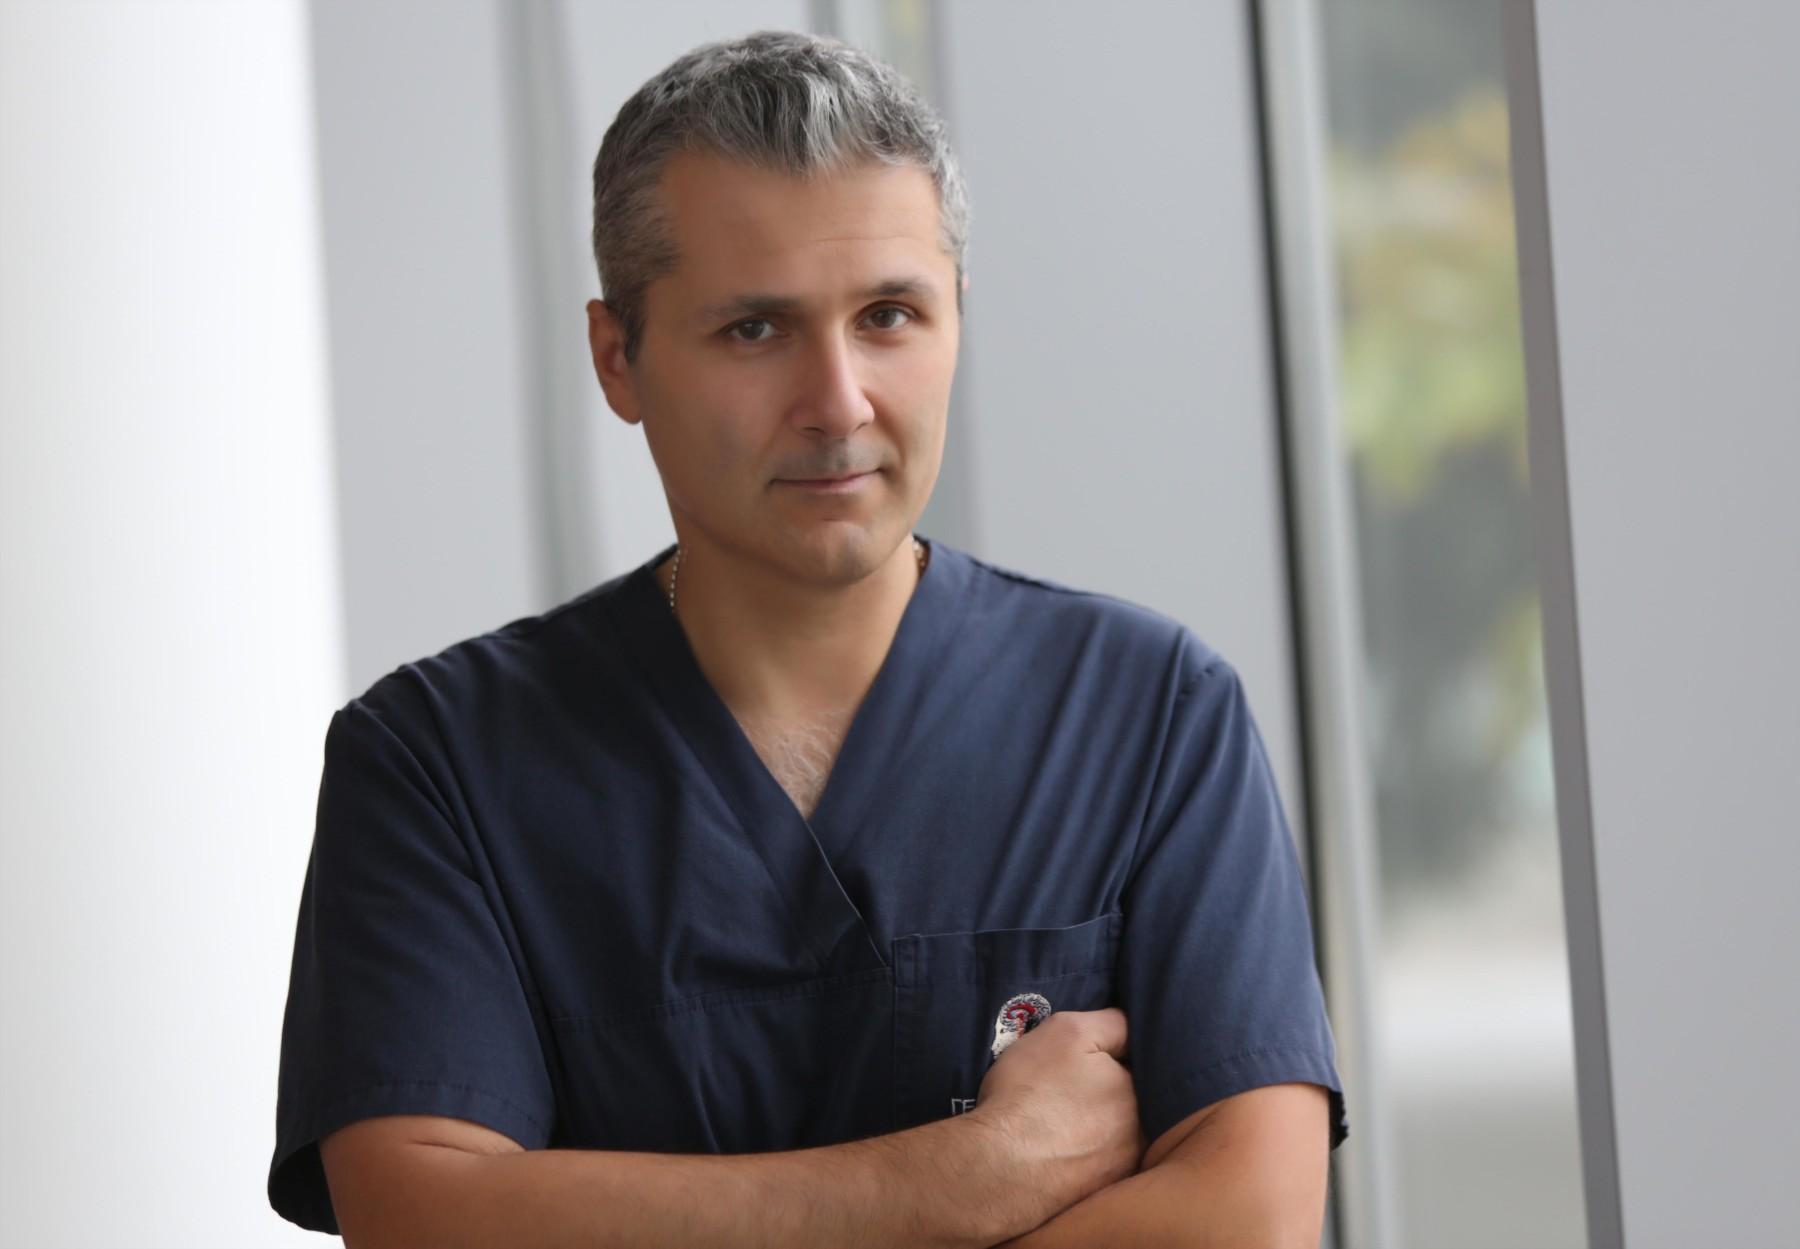 Ιορδάνης Κ. Γεωργιάδης MD, Επιμελητής Α' Νευροχειρουργός, A' Νευροχειρουργική κλινική ΙΑΣΩ Θεσσαλίας